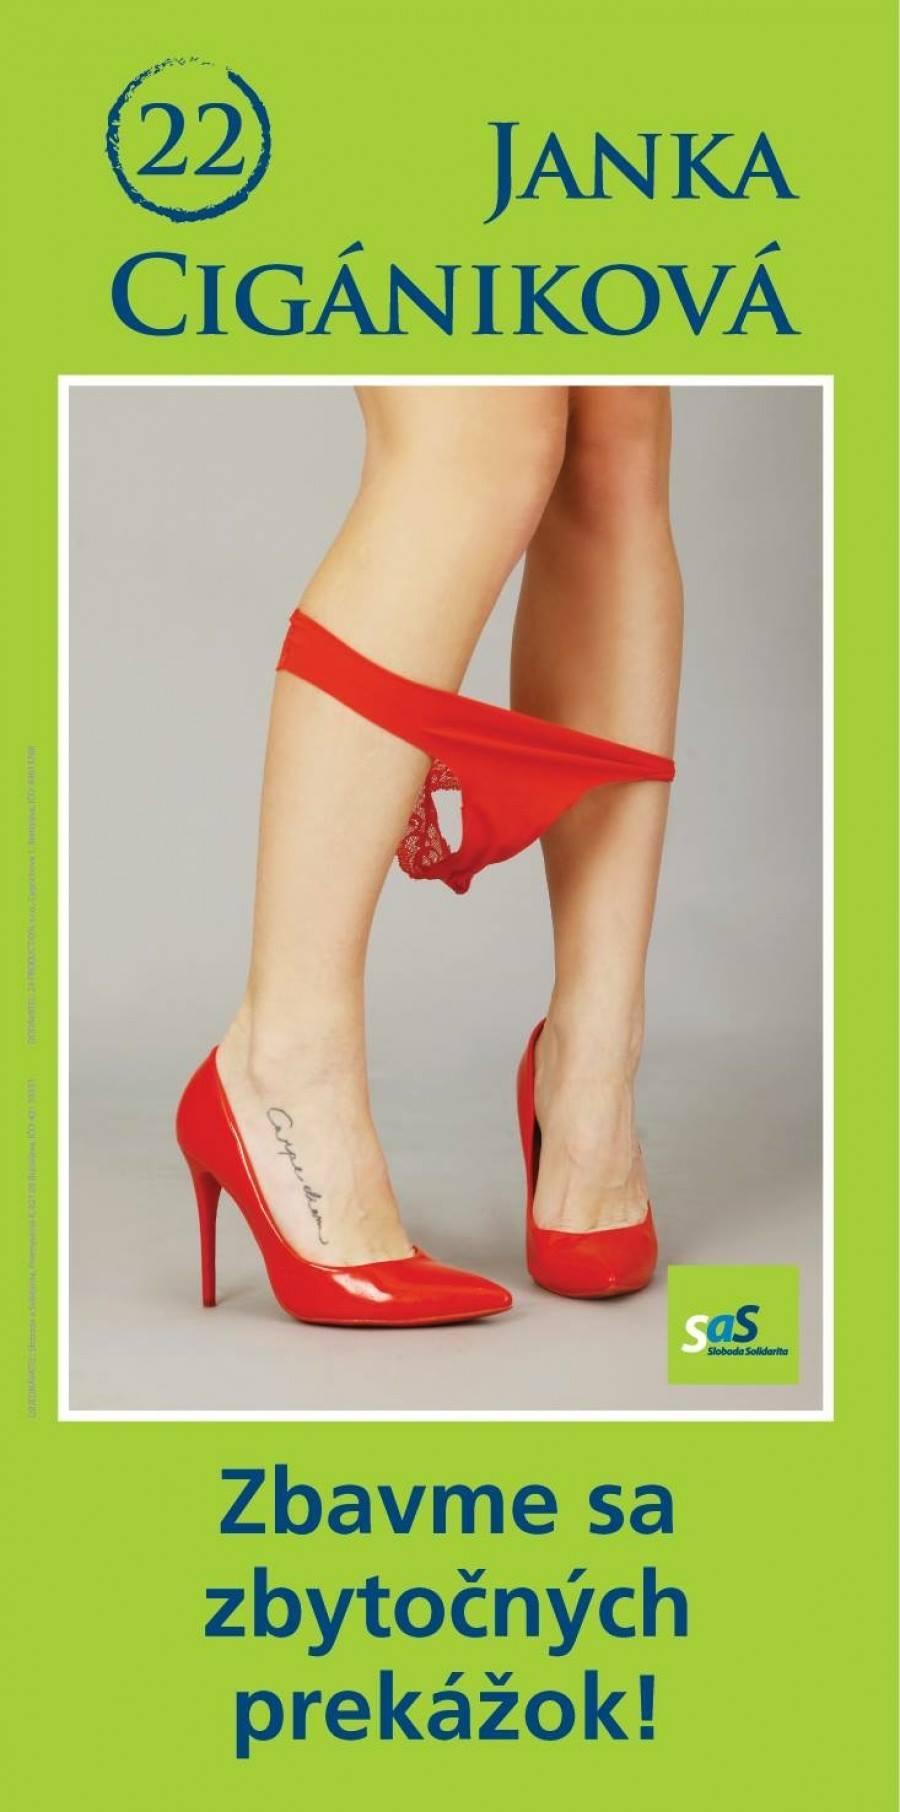 Reklama poslankyne Jany Cigánikovej, ktorá vyhrala anticenu za reklamu Sexistický kix. Zdroj - blog Jany Cigánikovej